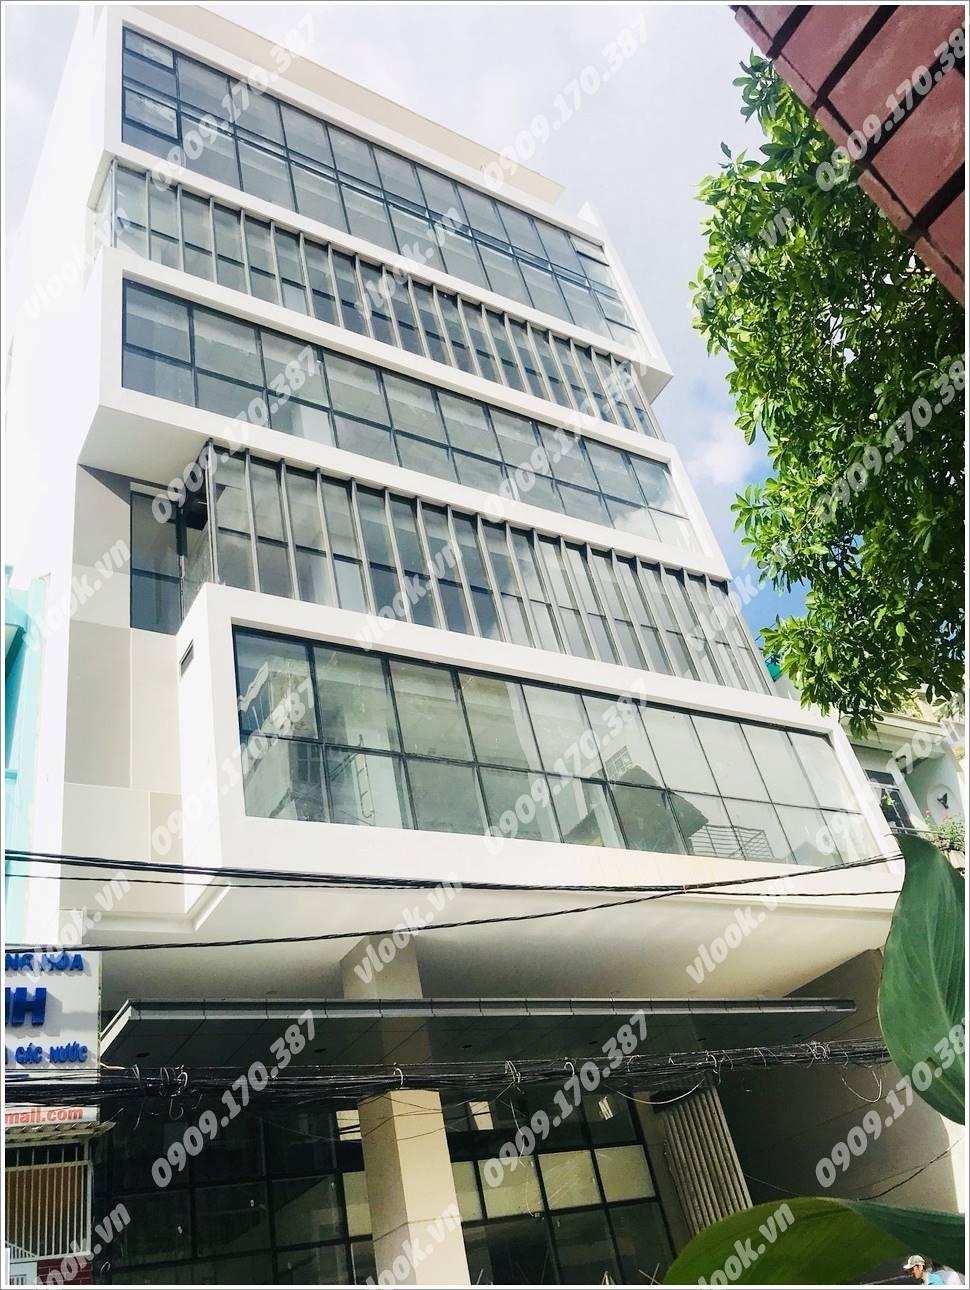 Cao ốc cho thuê văn phòng Sabay Tower, Đồng Nai, Quận Tân Bình, TPHCM - vlook.vn